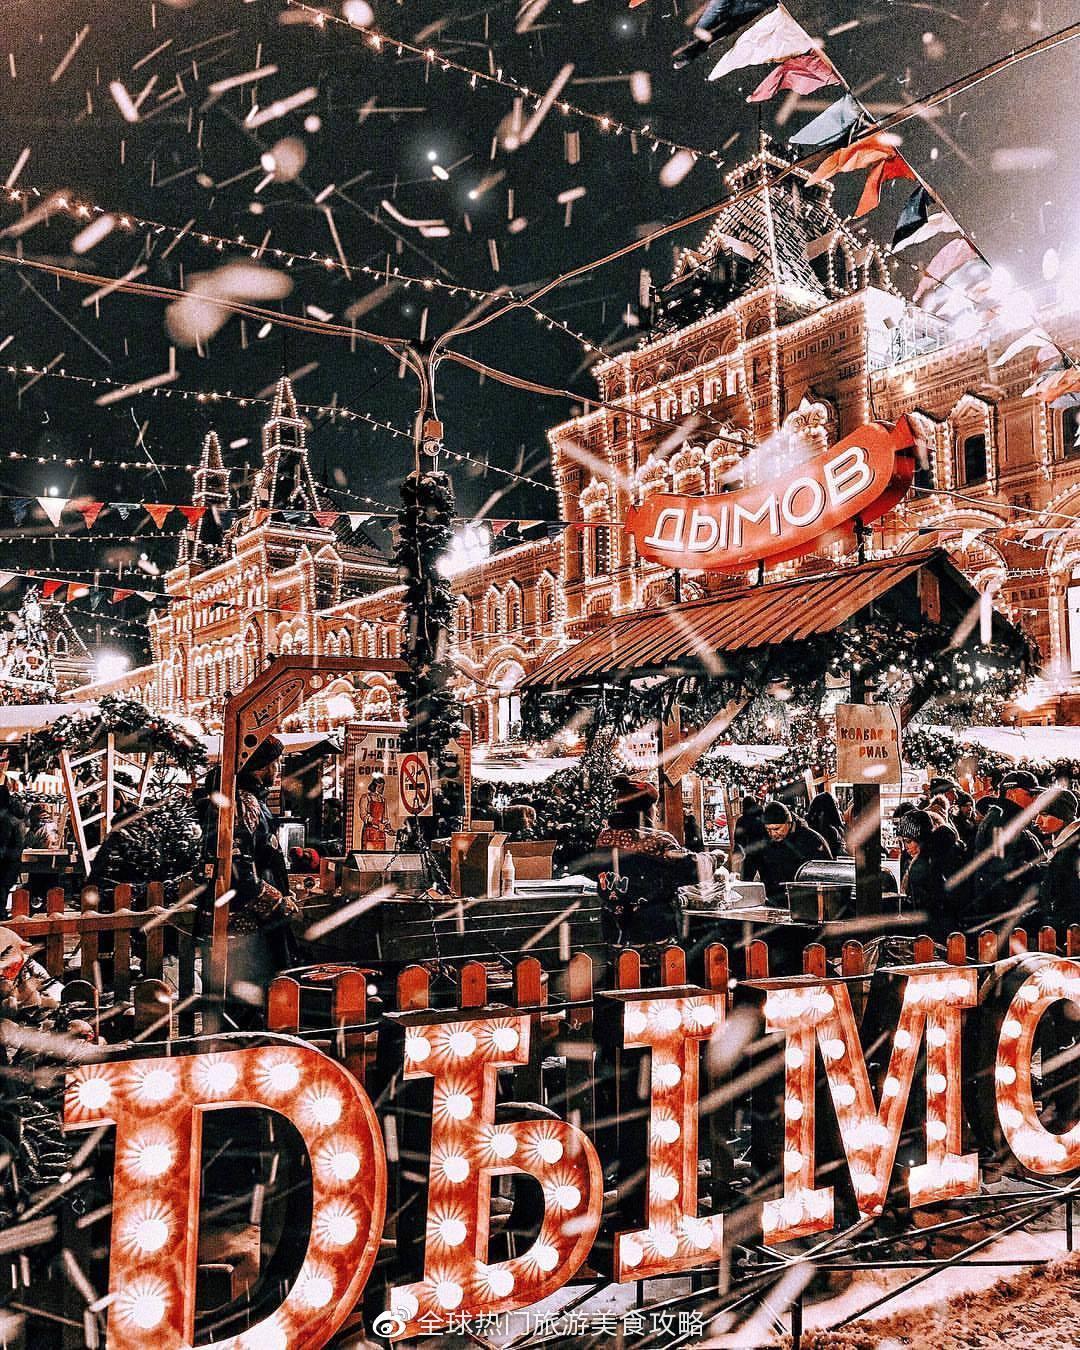 莫斯科没有雪却有童话般的场景